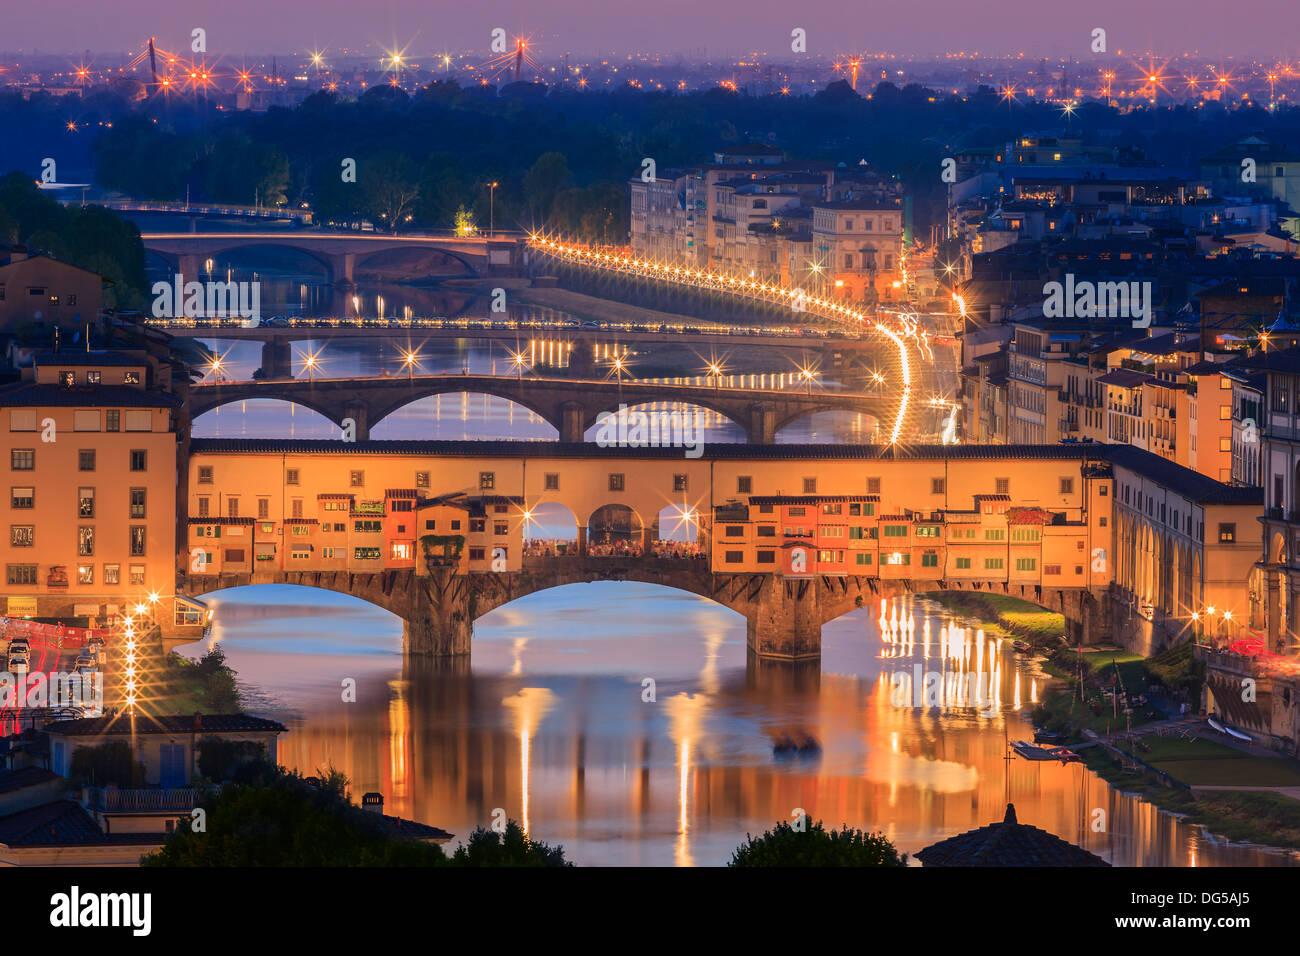 Le Ponte Vecchio sur l'Arno à Florence, Italie. Prises à partir de la Piazzale Michelangelo Photo Stock